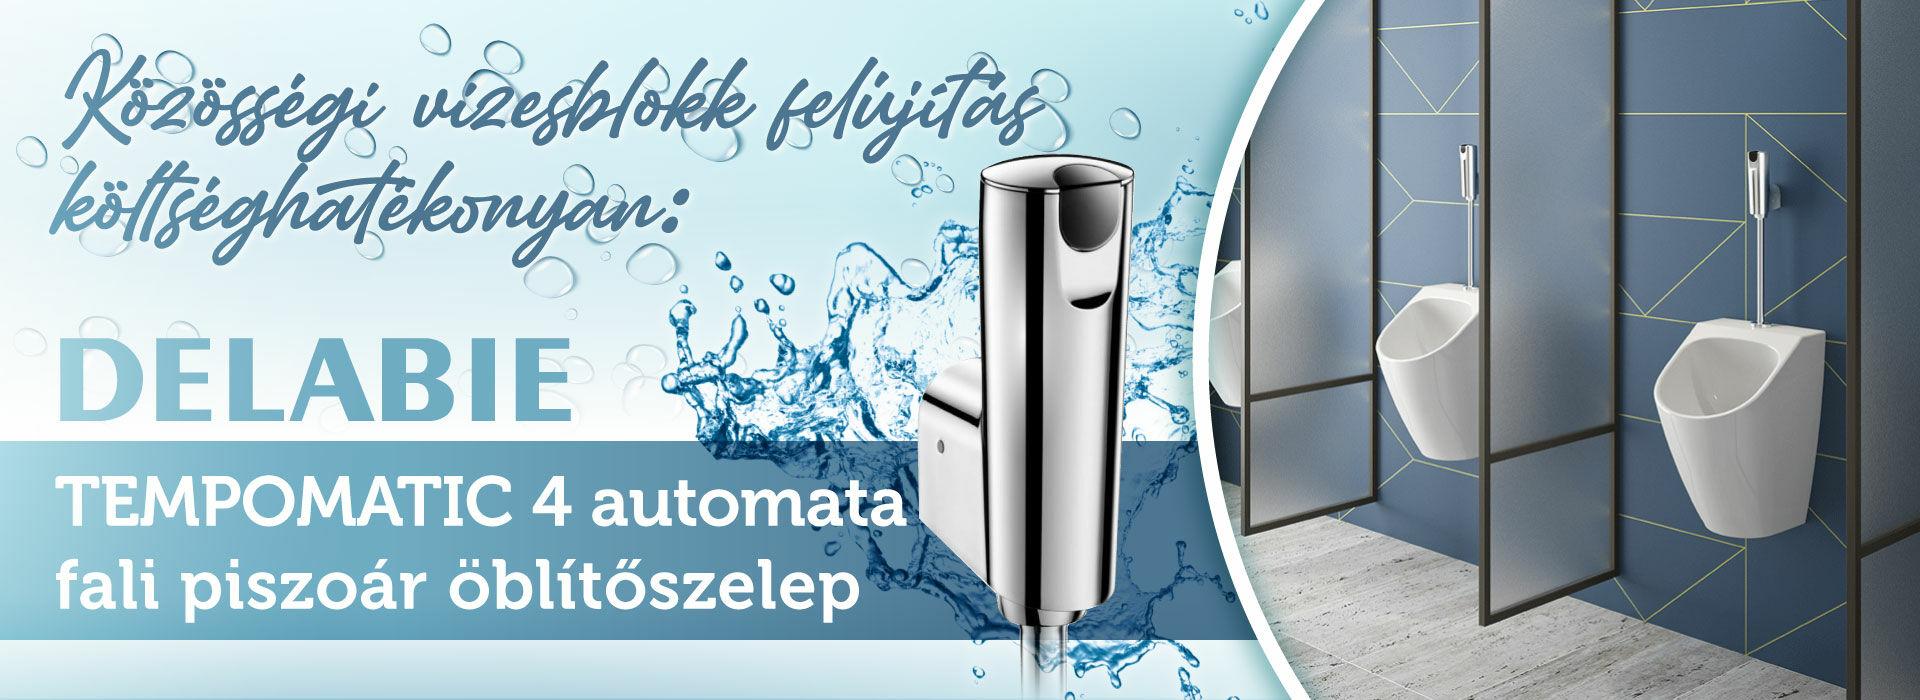 Közösségi vizesblokk felújítás költséghatékonyan DELABIE Tempomatic 4 automata fali piszoár öblítőszelep